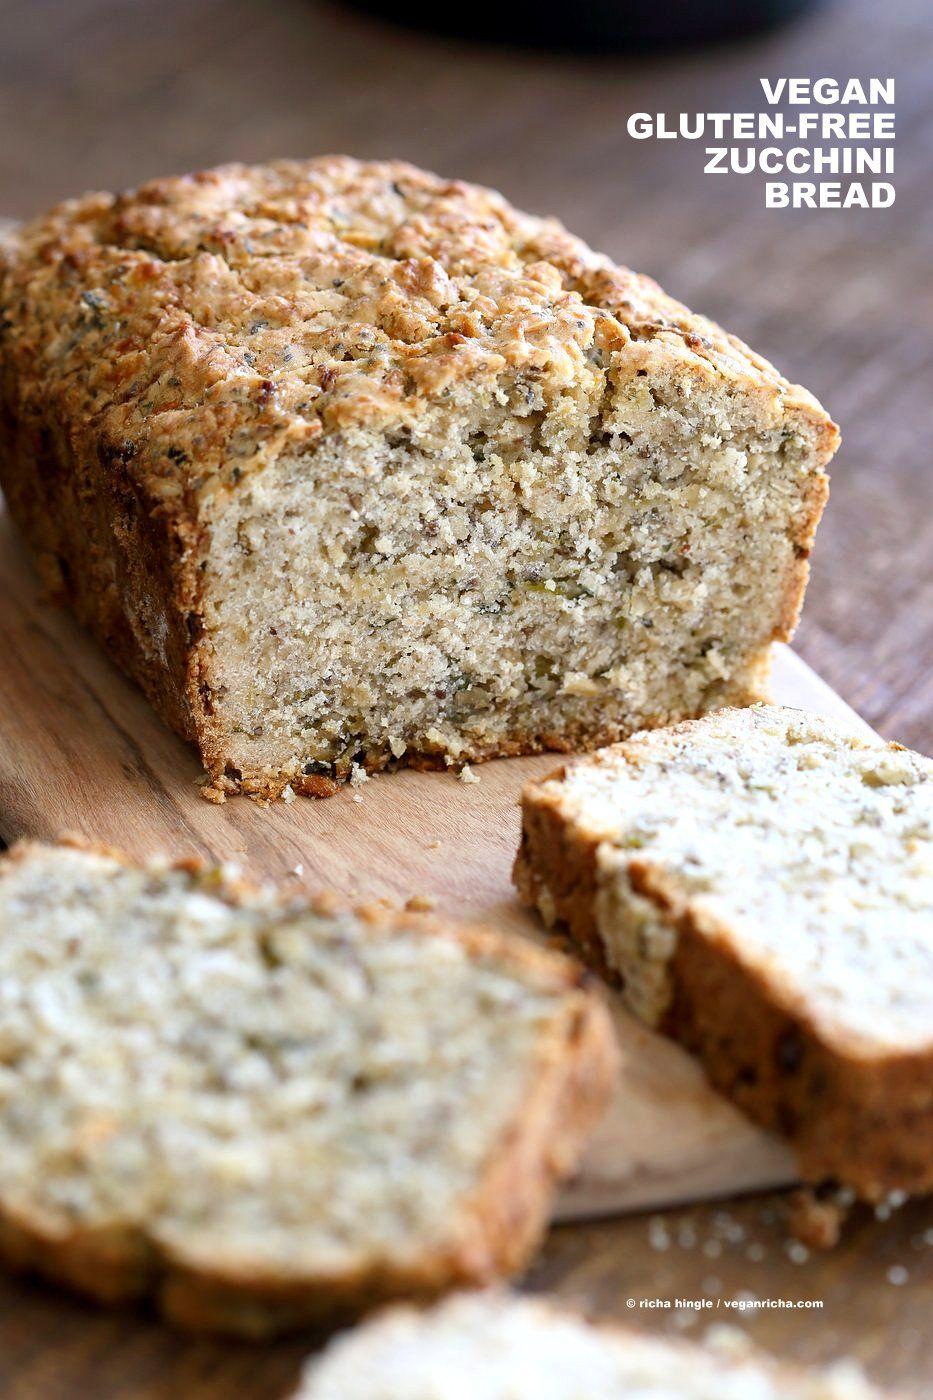 Vegan Gluten Free Zucchini Bread Recept Glutenvrij Brood